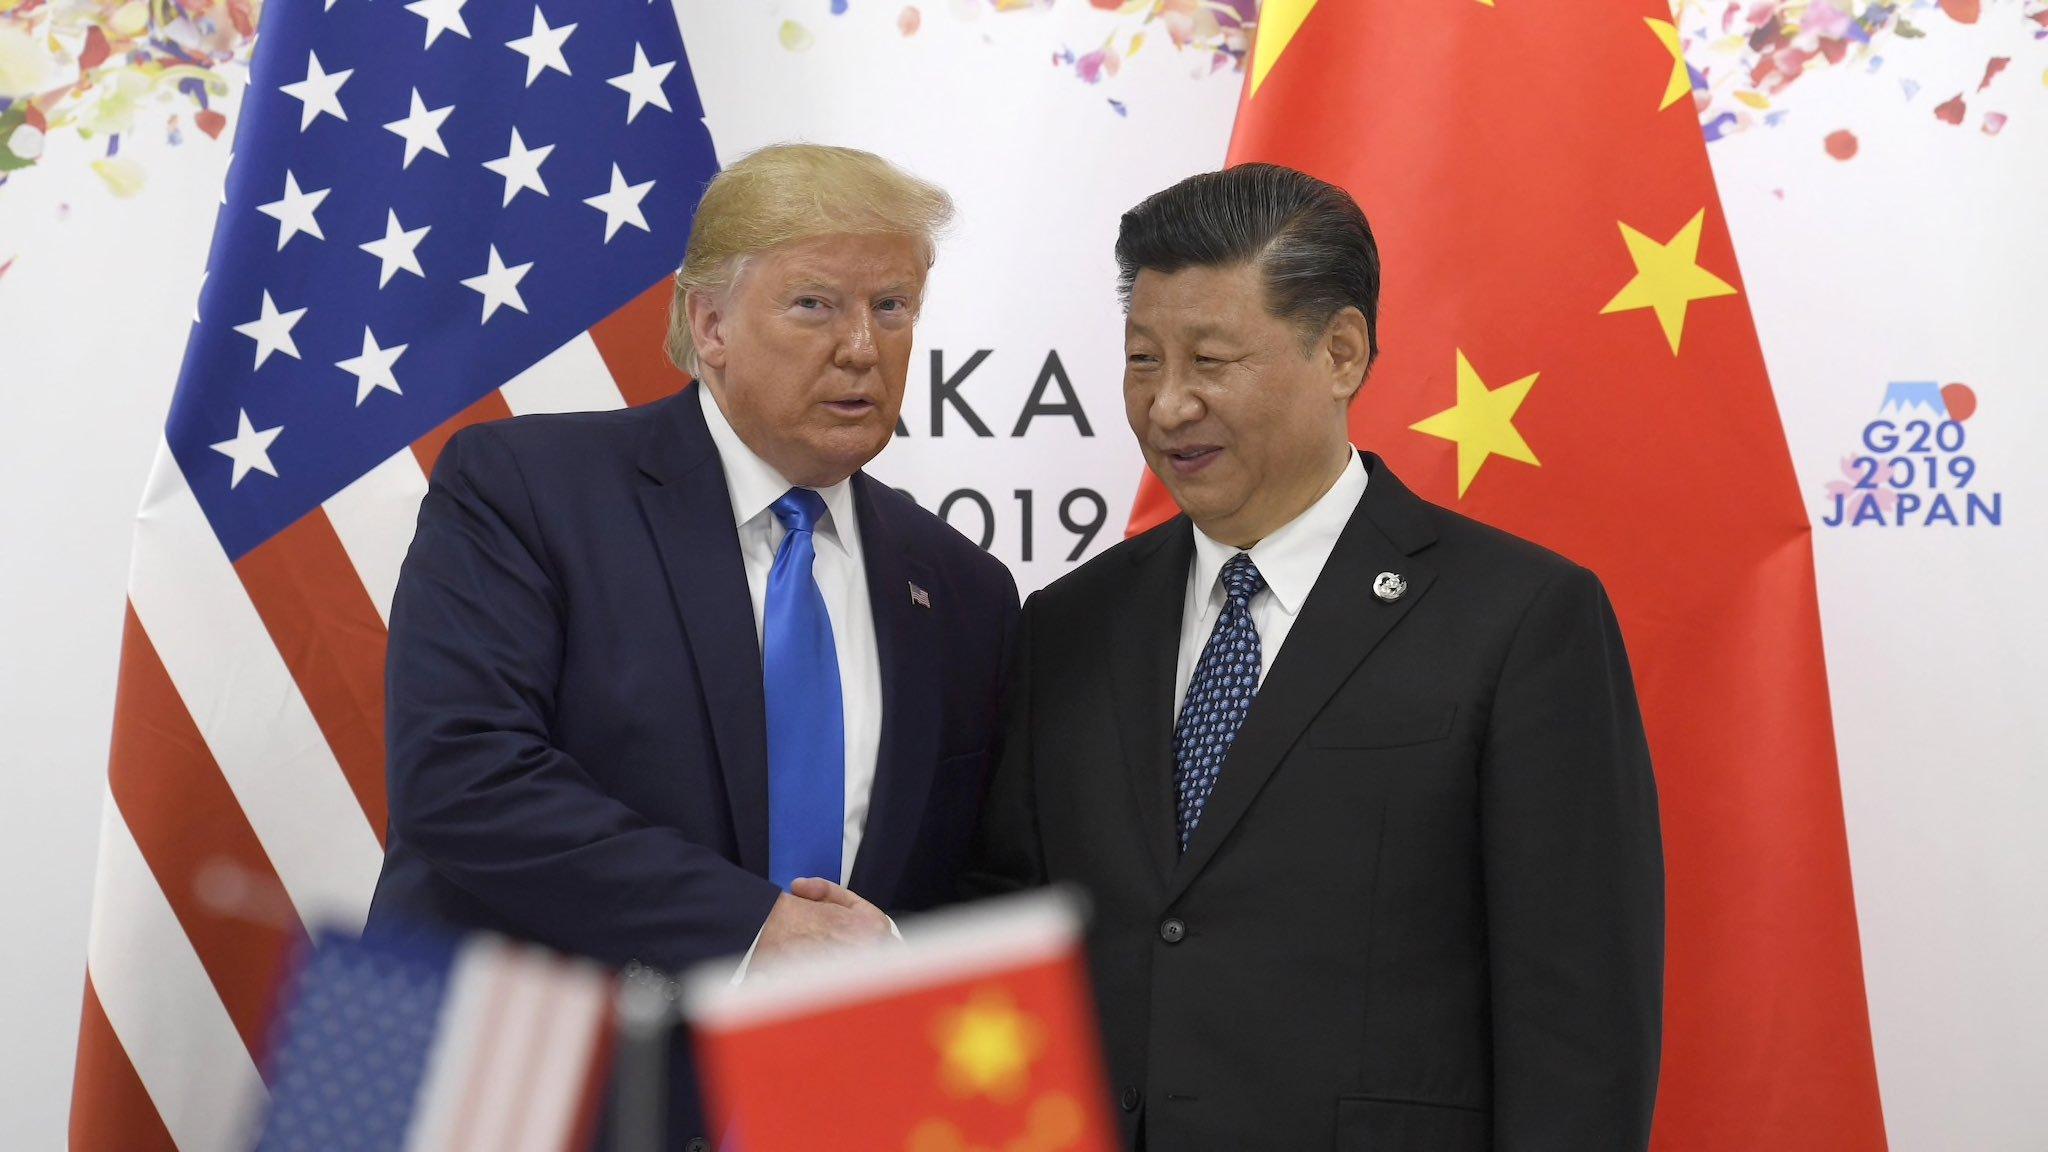 Jusqu'où ira le bras de fer entre la Chine et les États-Unis?